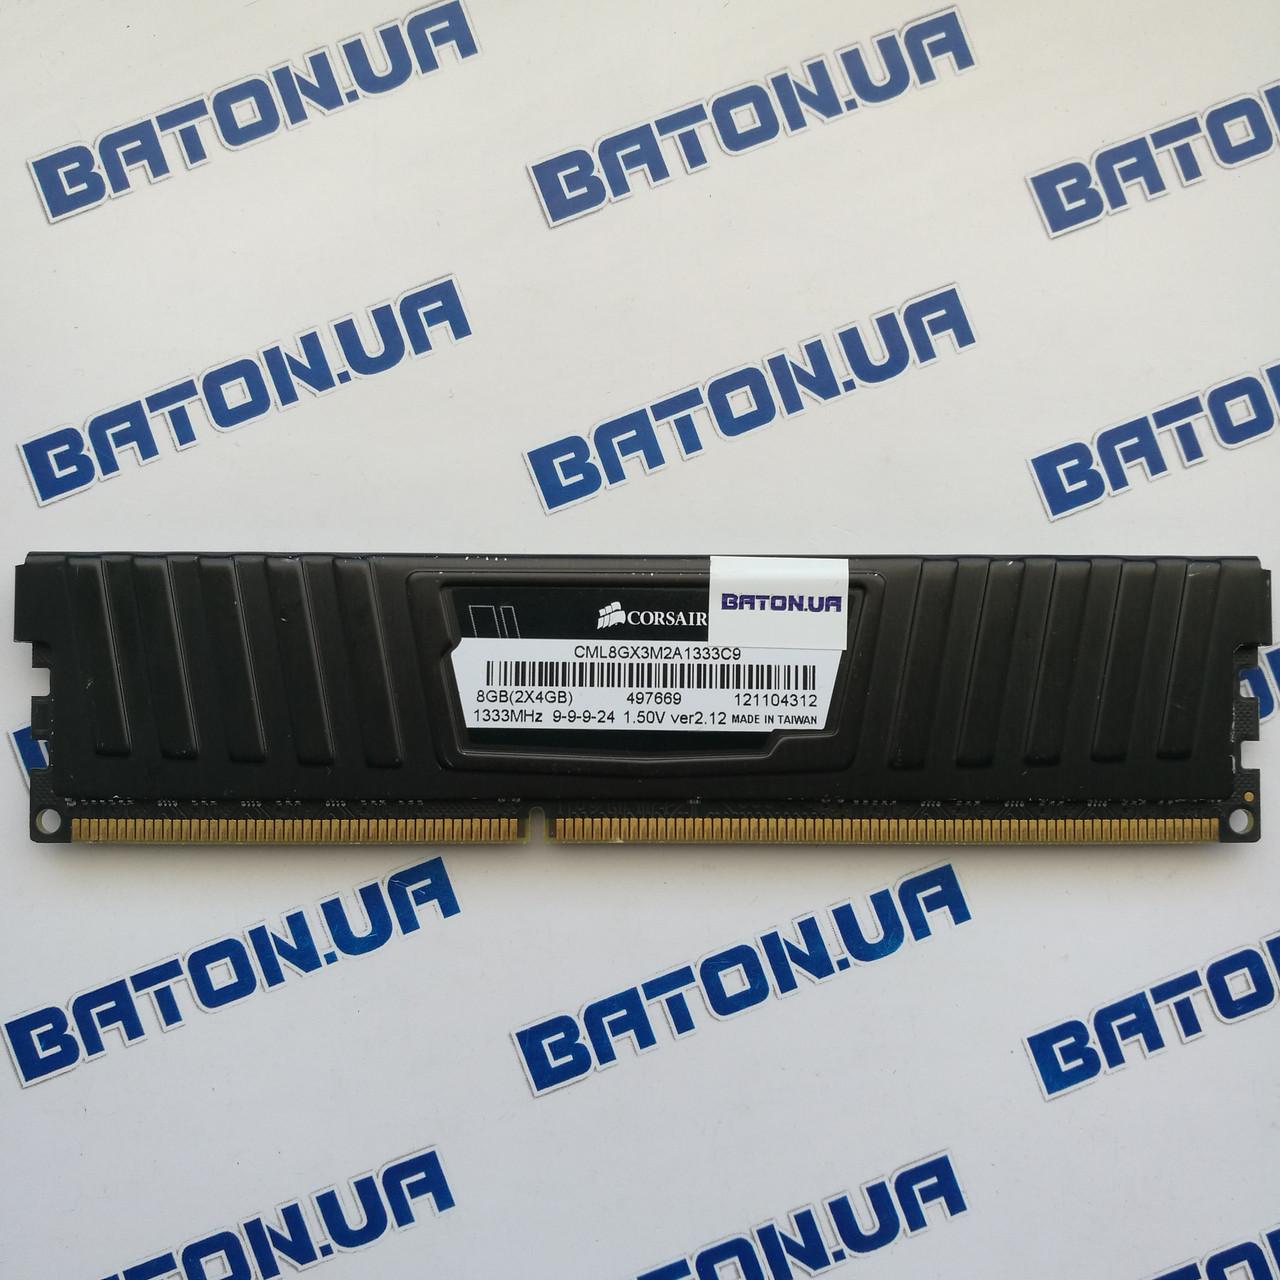 Игровая оперативная память Corsair Vengeance DDR3 4Gb 1333MHz PC3-10600 CL9 (CML8GX3M2A1333C9)